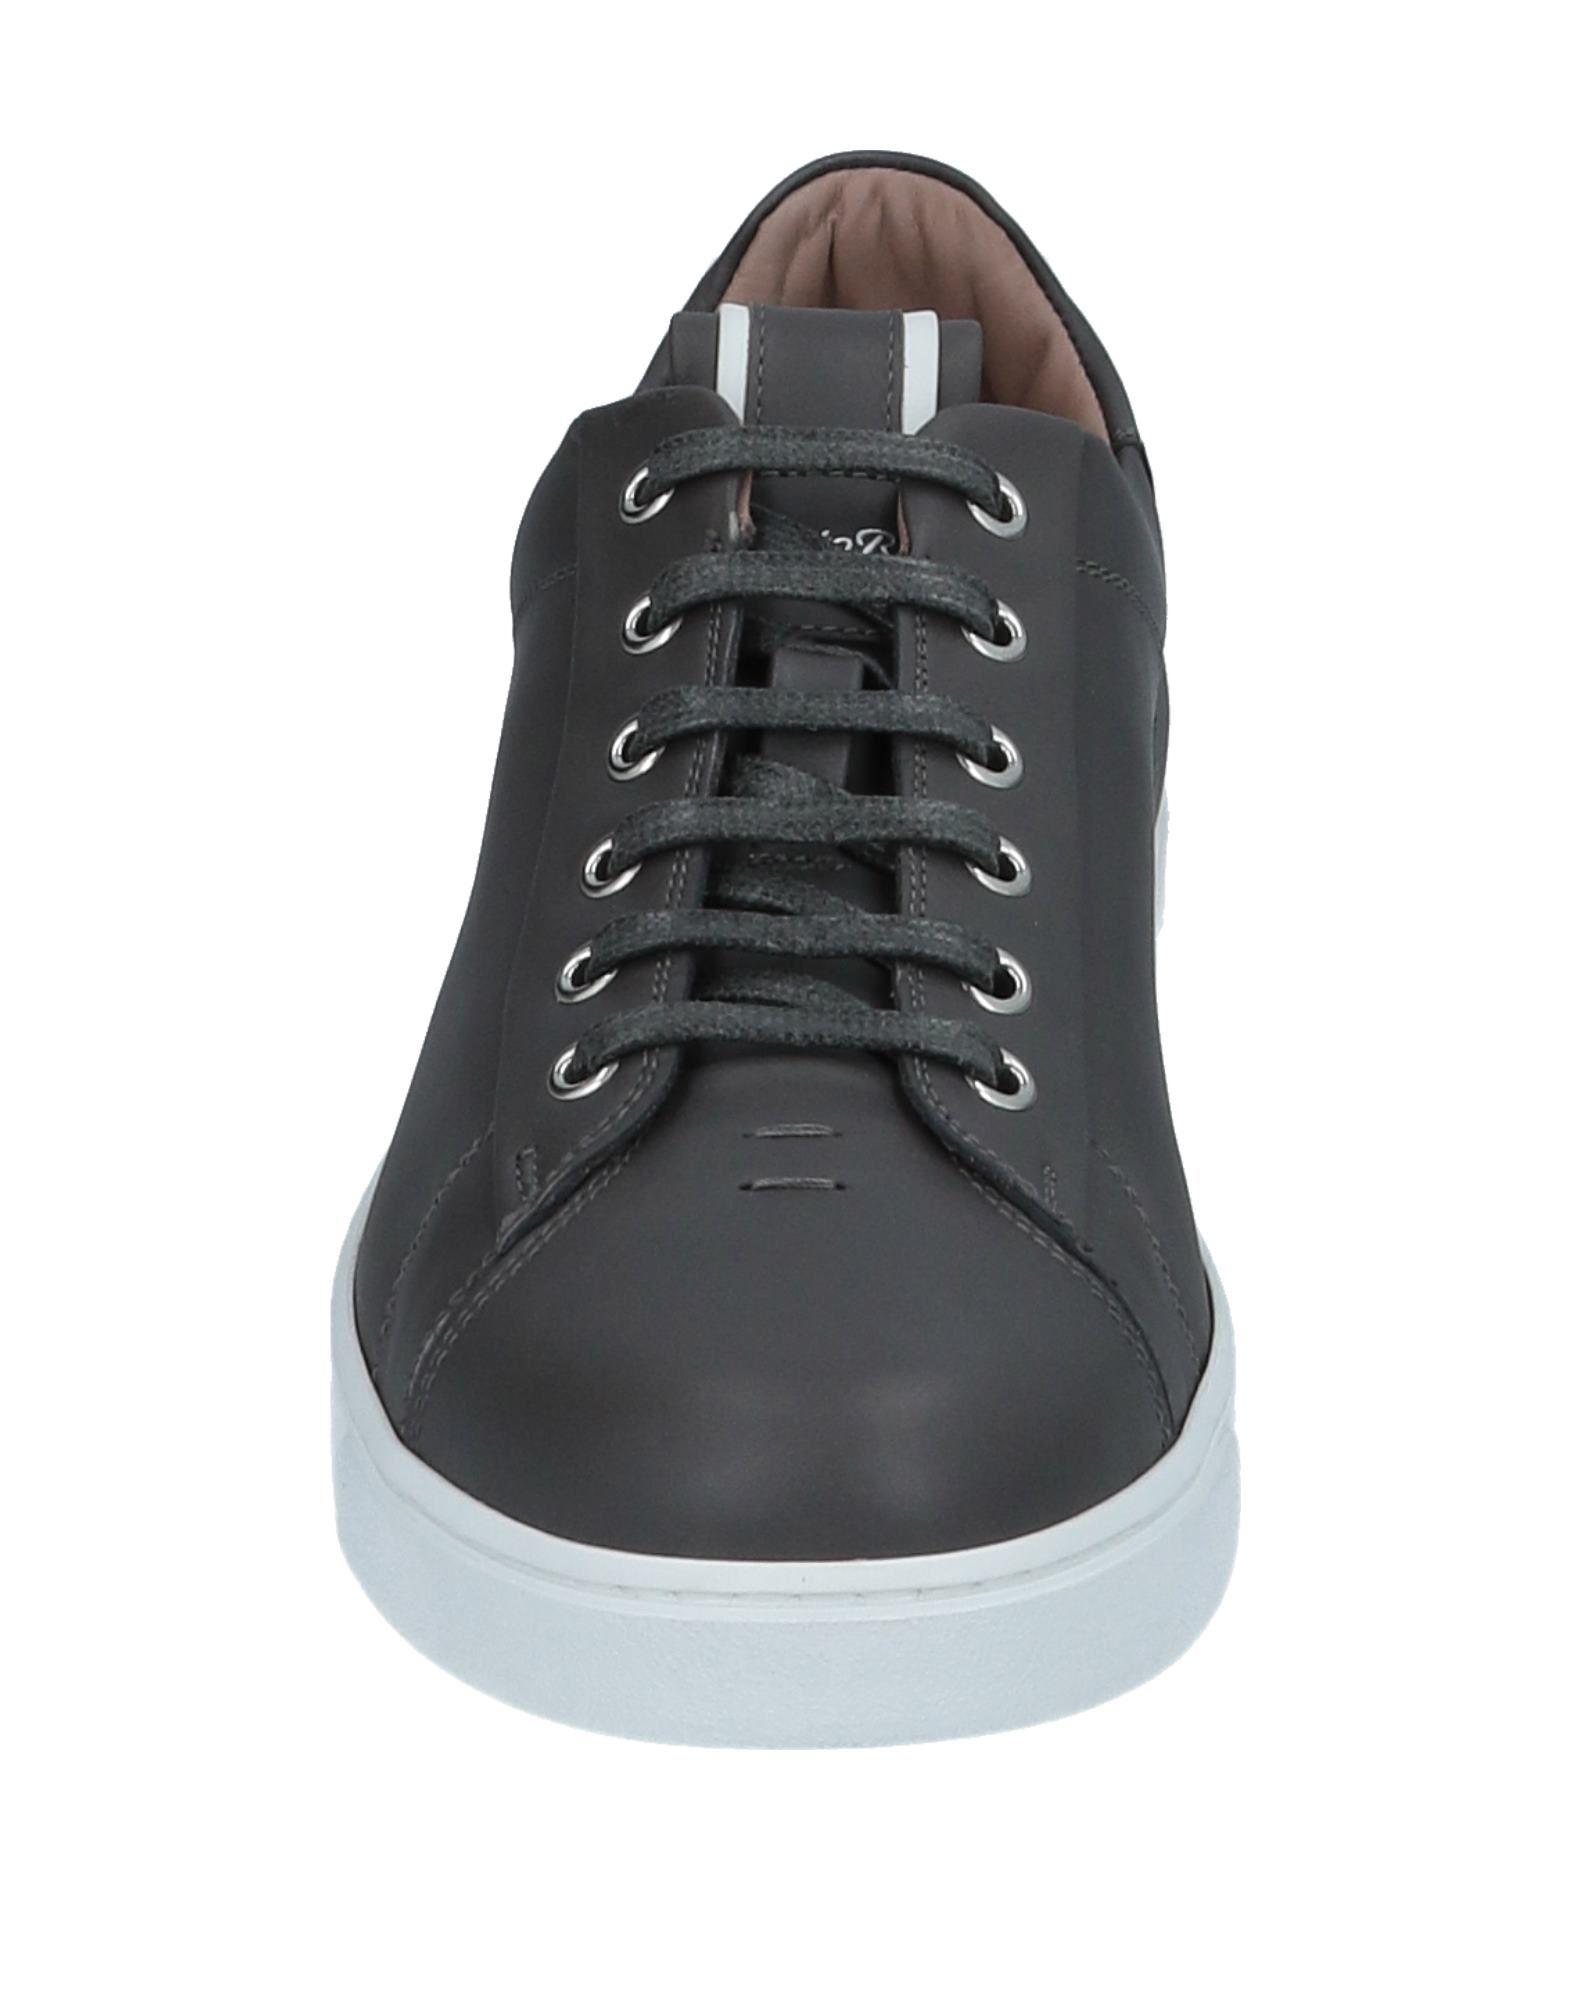 Gianvito Rossi Sneakers Damen aussehende  11508182EHGünstige gut aussehende Damen Schuhe 0f525f